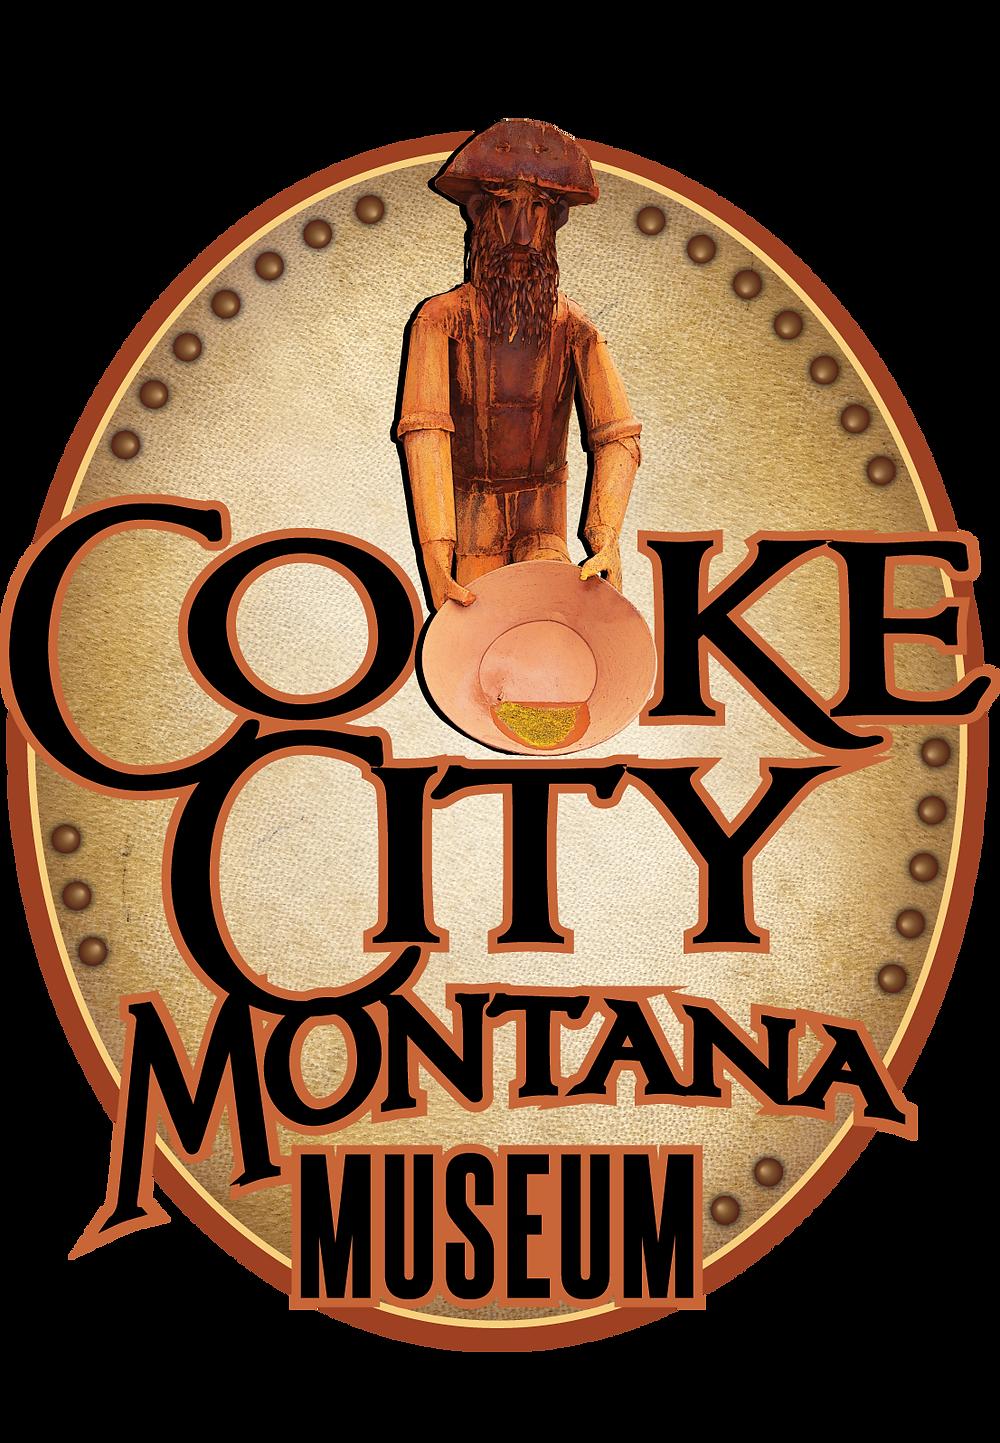 CookeCityMontanaMuseumLogo.png